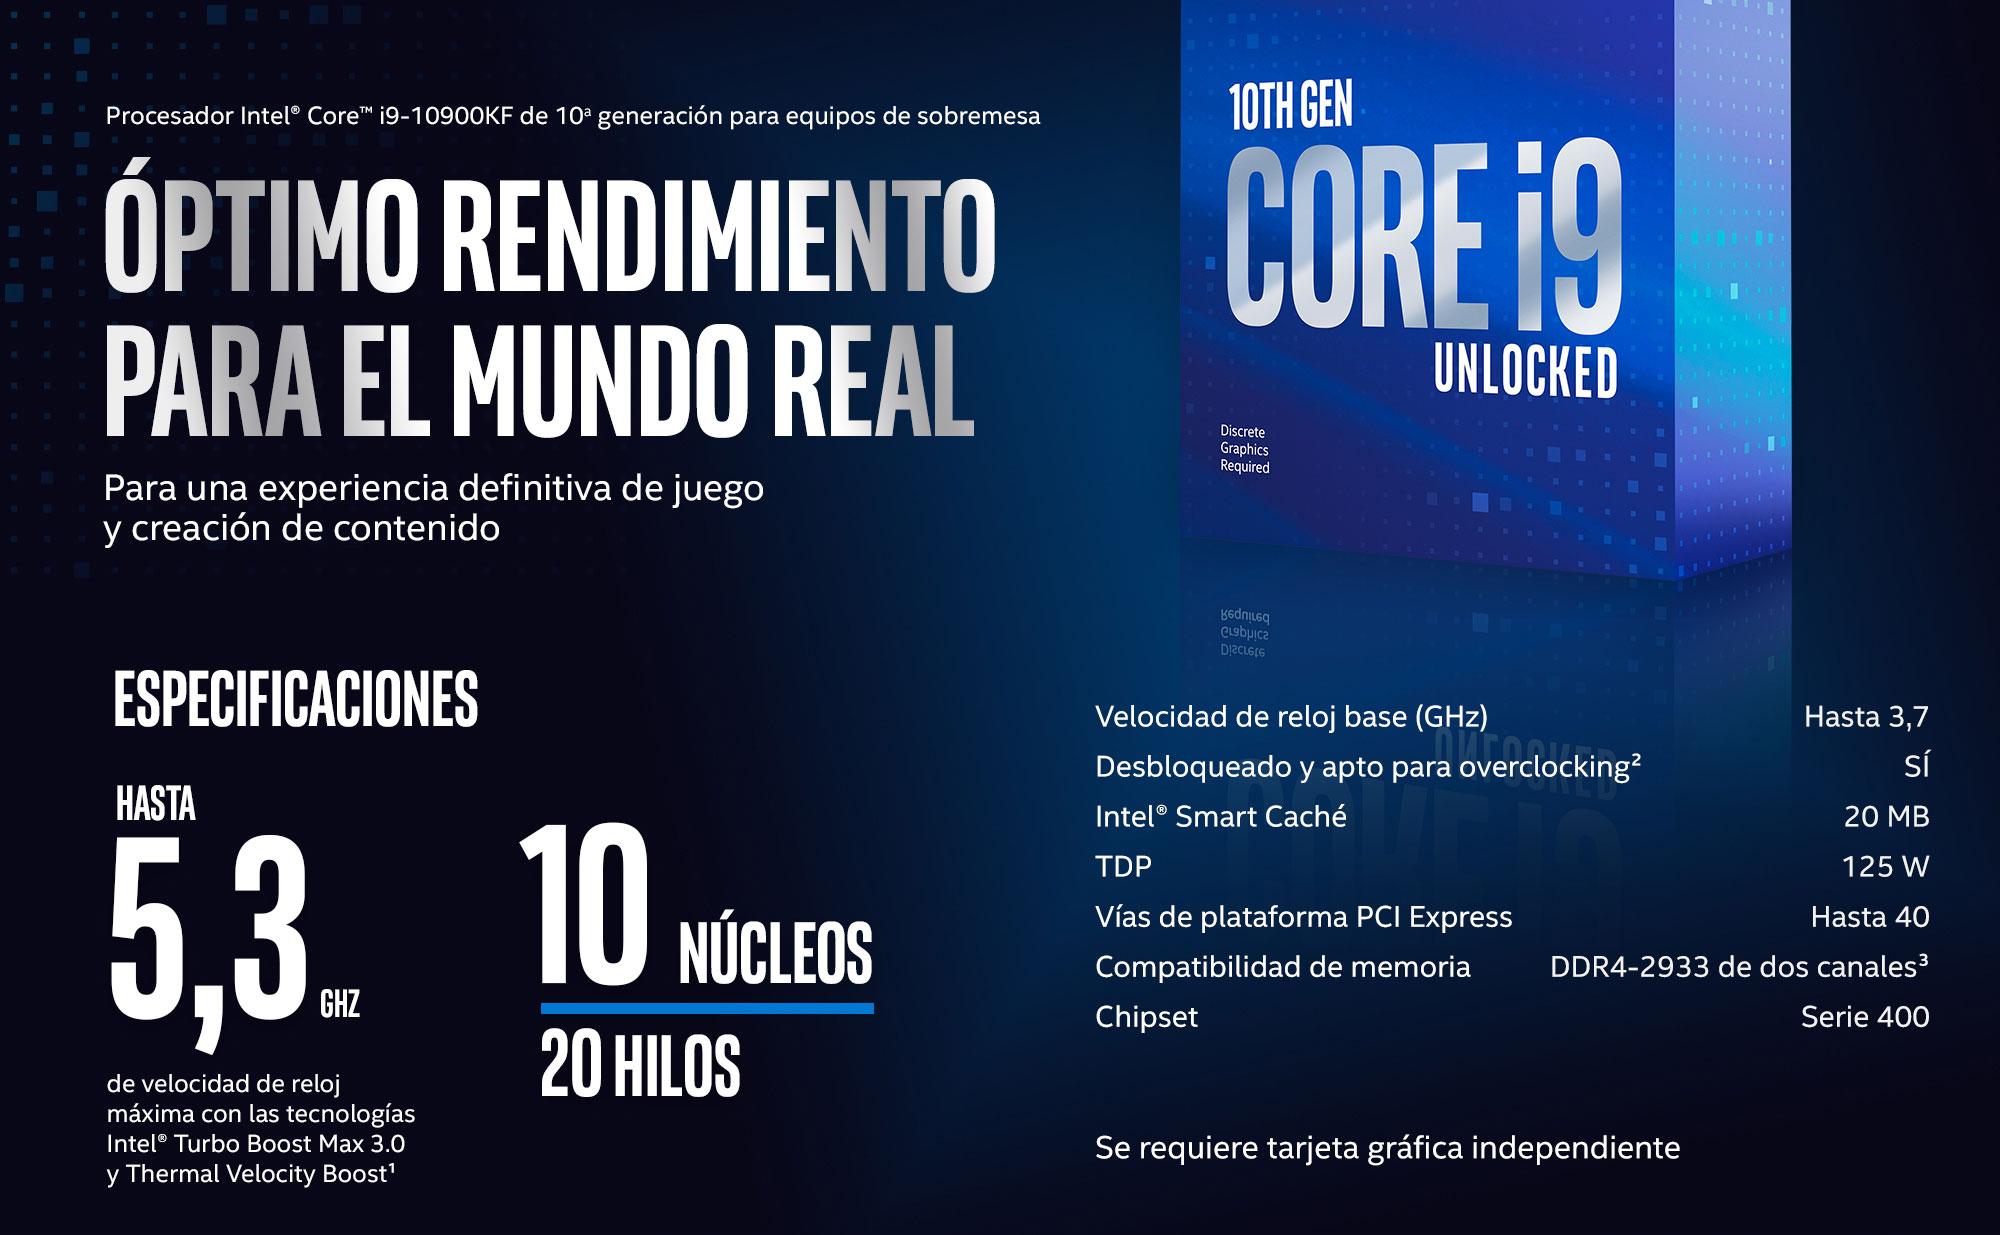 Procesador Intel® Core™ i9-10900KF de 10a generación para equipos de sobremesa